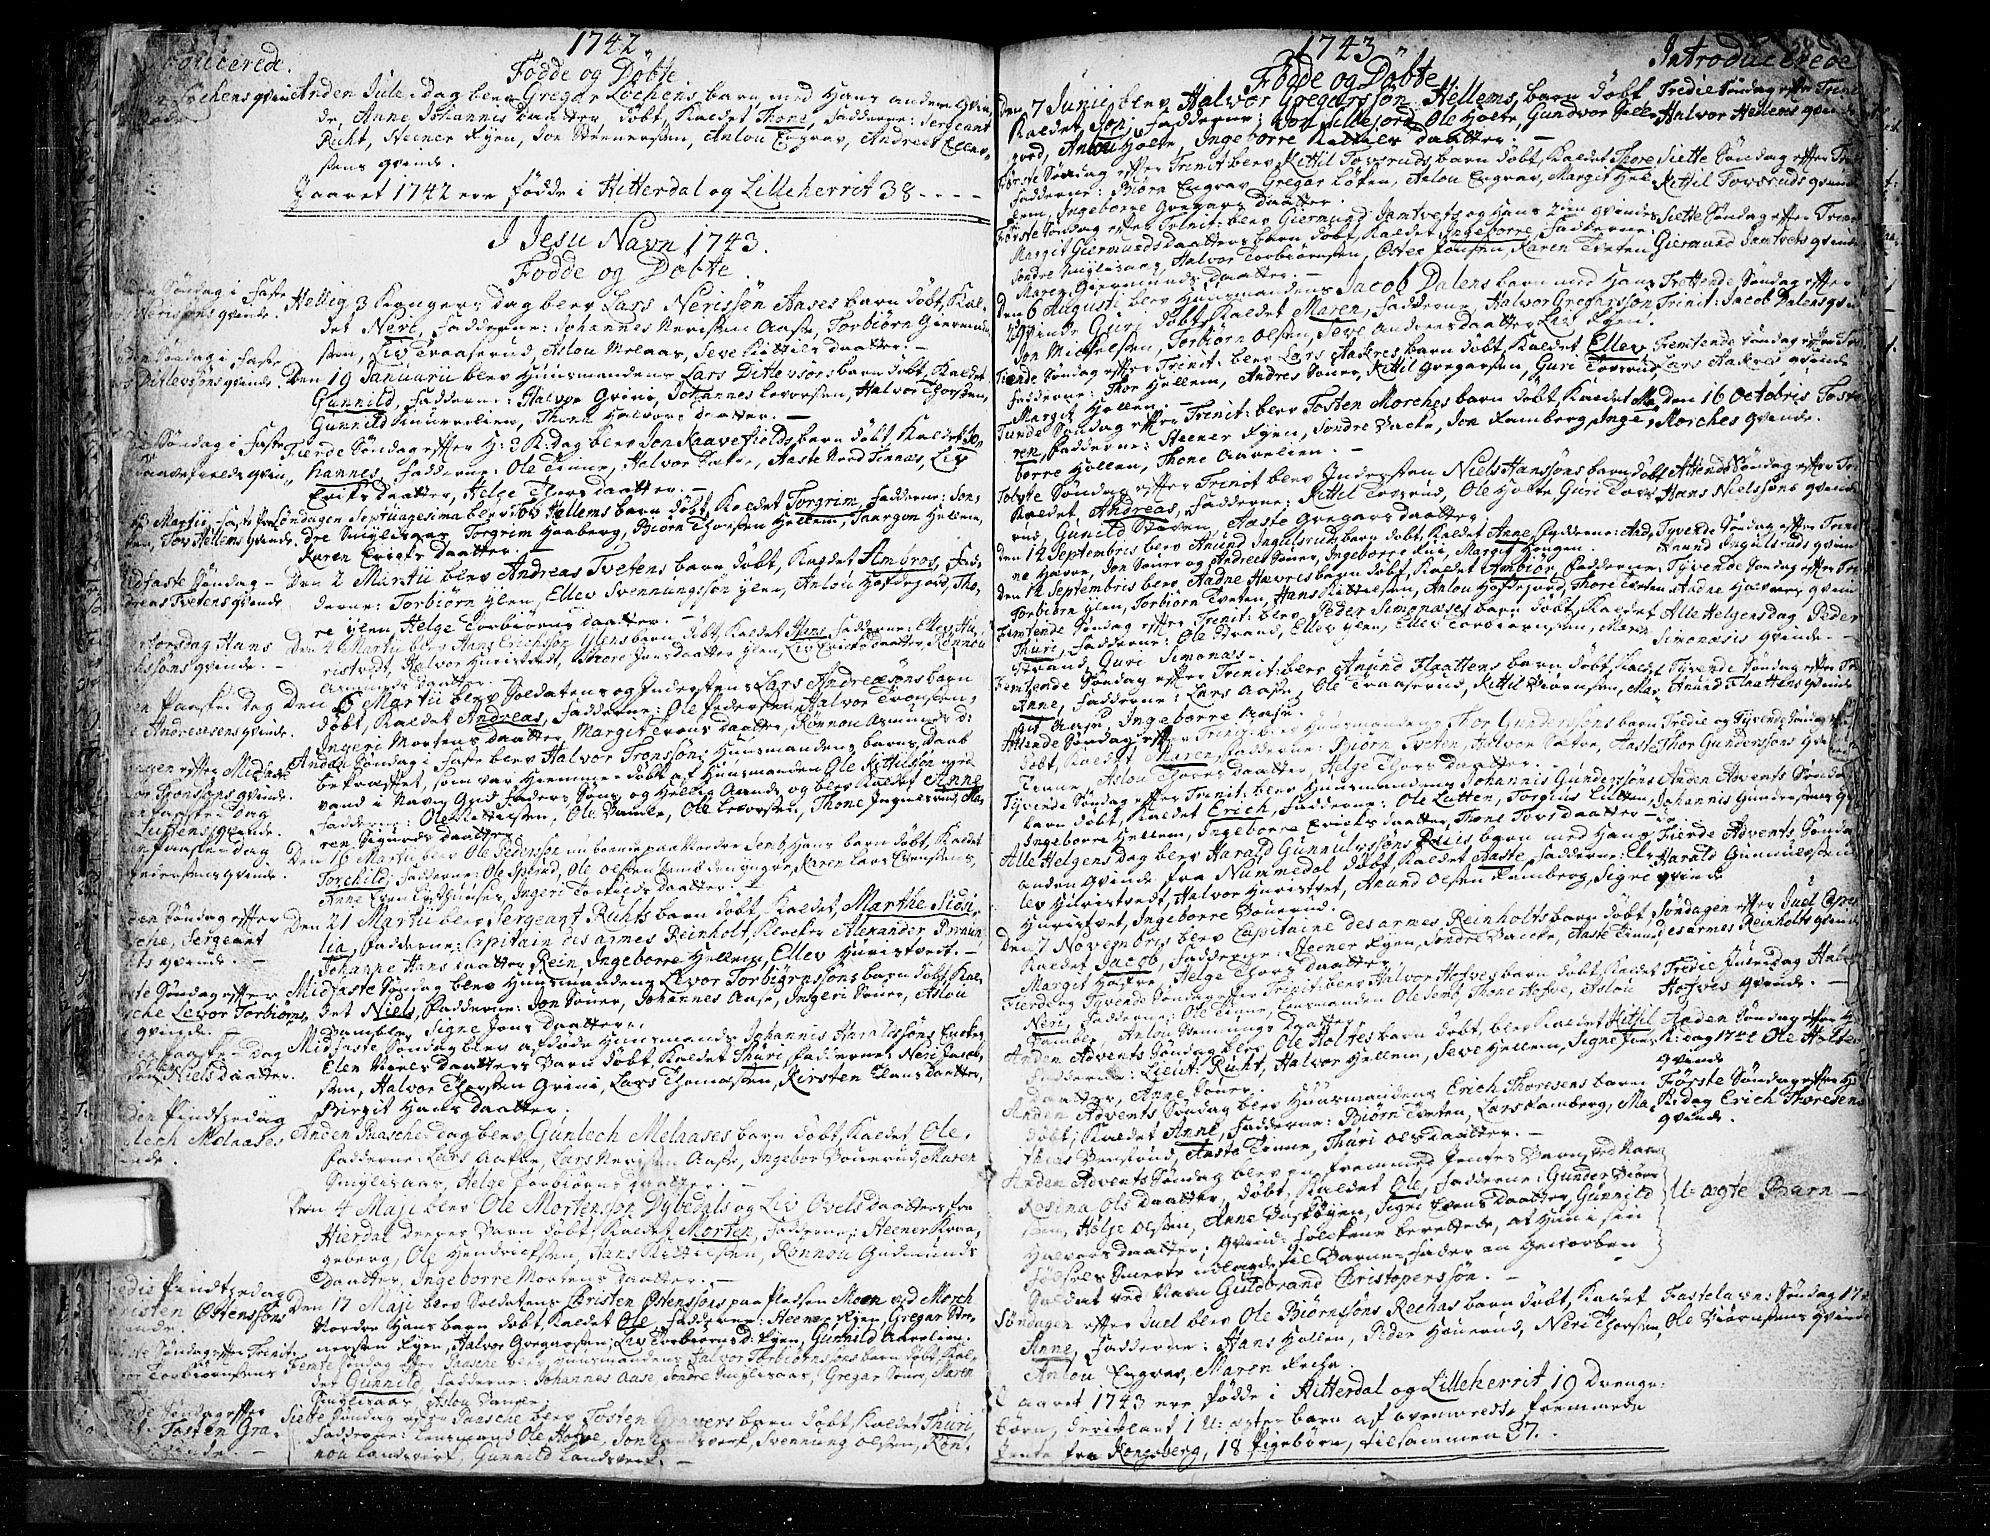 SAKO, Heddal kirkebøker, F/Fa/L0003: Ministerialbok nr. I 3, 1723-1783, s. 58